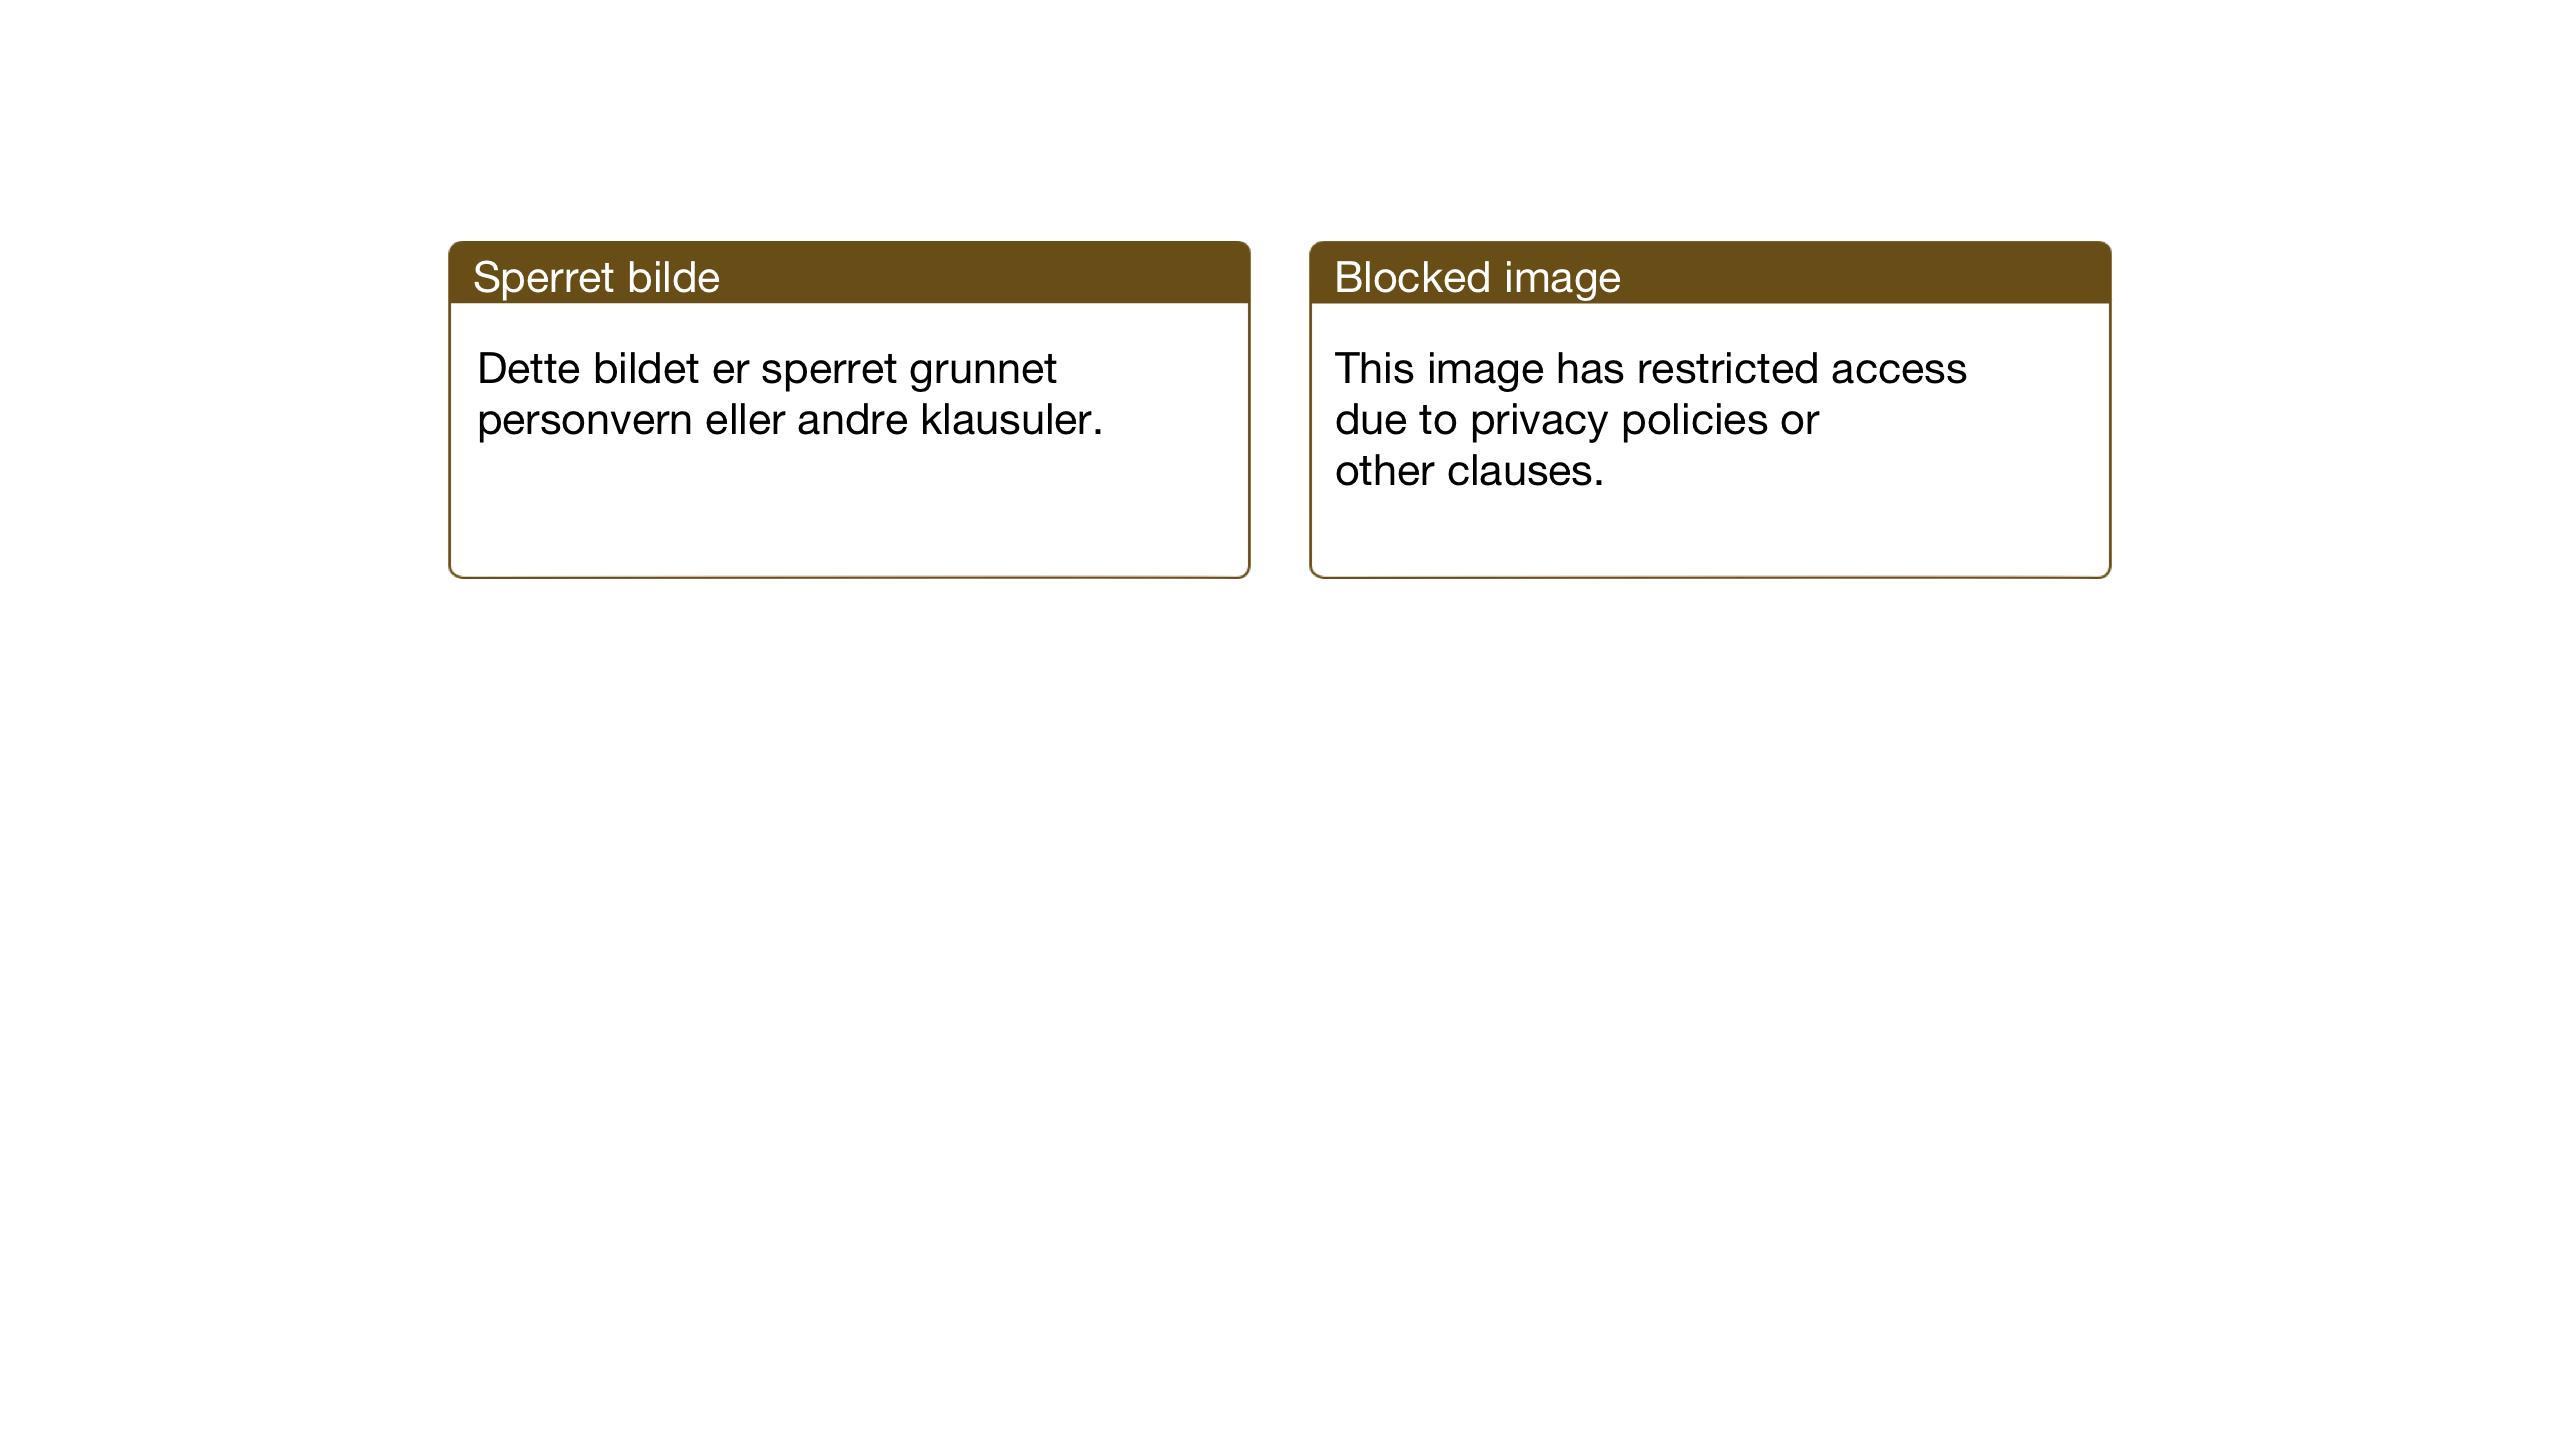 SAT, Ministerialprotokoller, klokkerbøker og fødselsregistre - Sør-Trøndelag, 682/L0947: Klokkerbok nr. 682C01, 1926-1968, s. 32